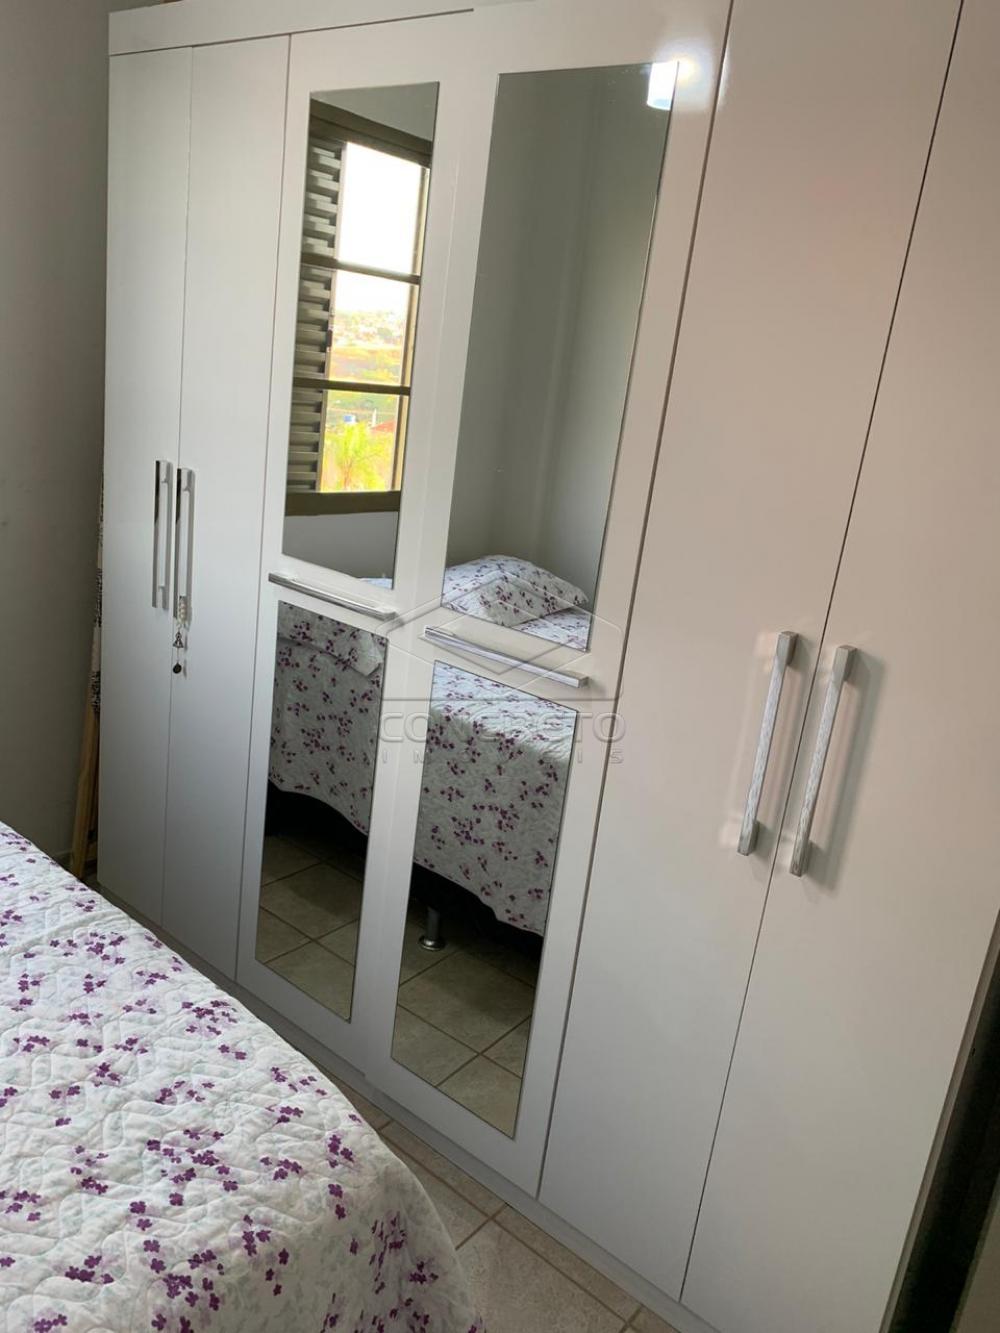 Comprar Apartamento / Padrão em Bauru apenas R$ 175.000,00 - Foto 4